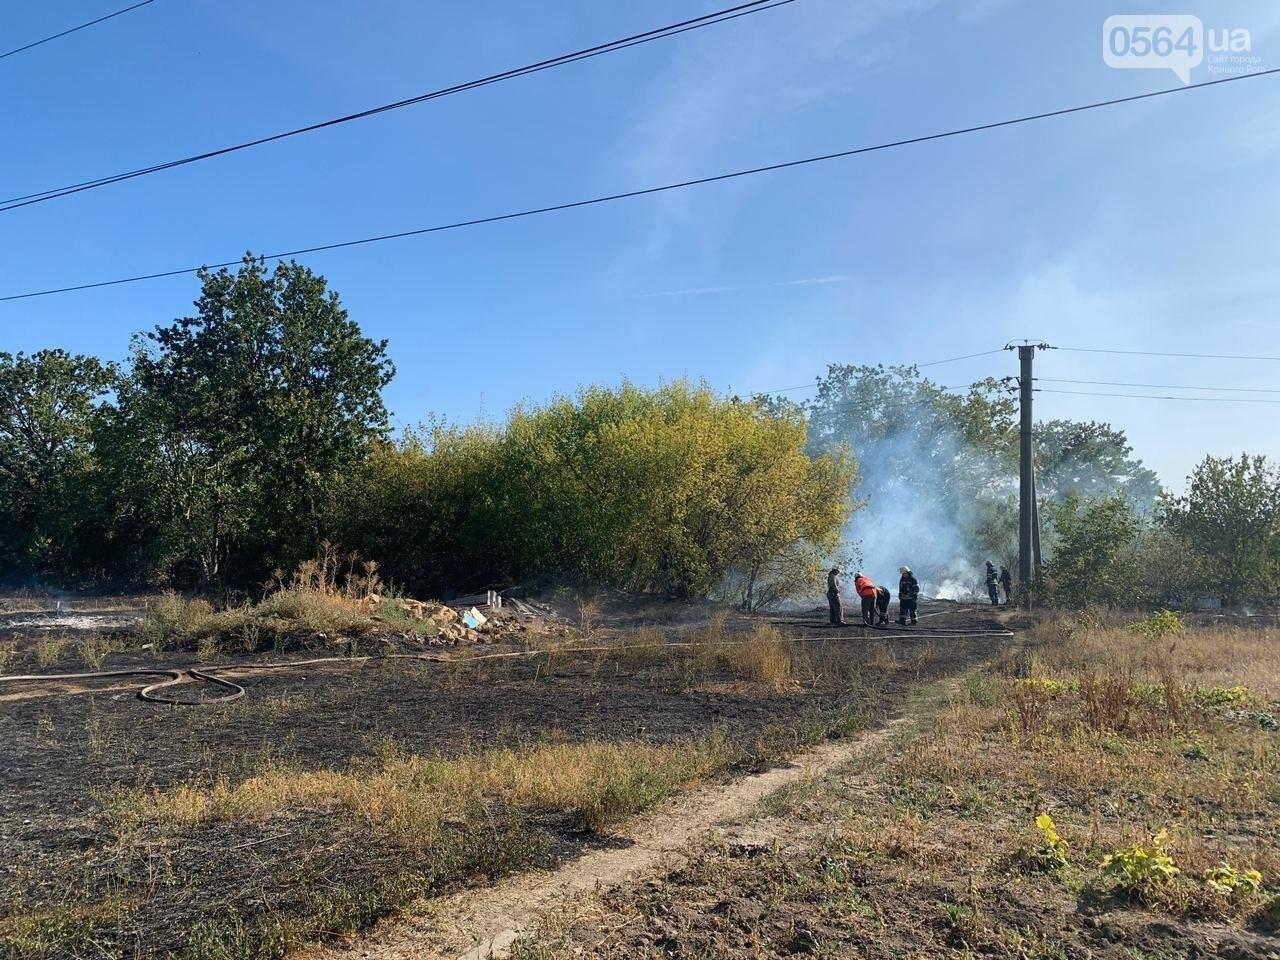 В Кривом Роге возле частного сектора произошел пожар в экосистеме, - ФОТО , фото-9